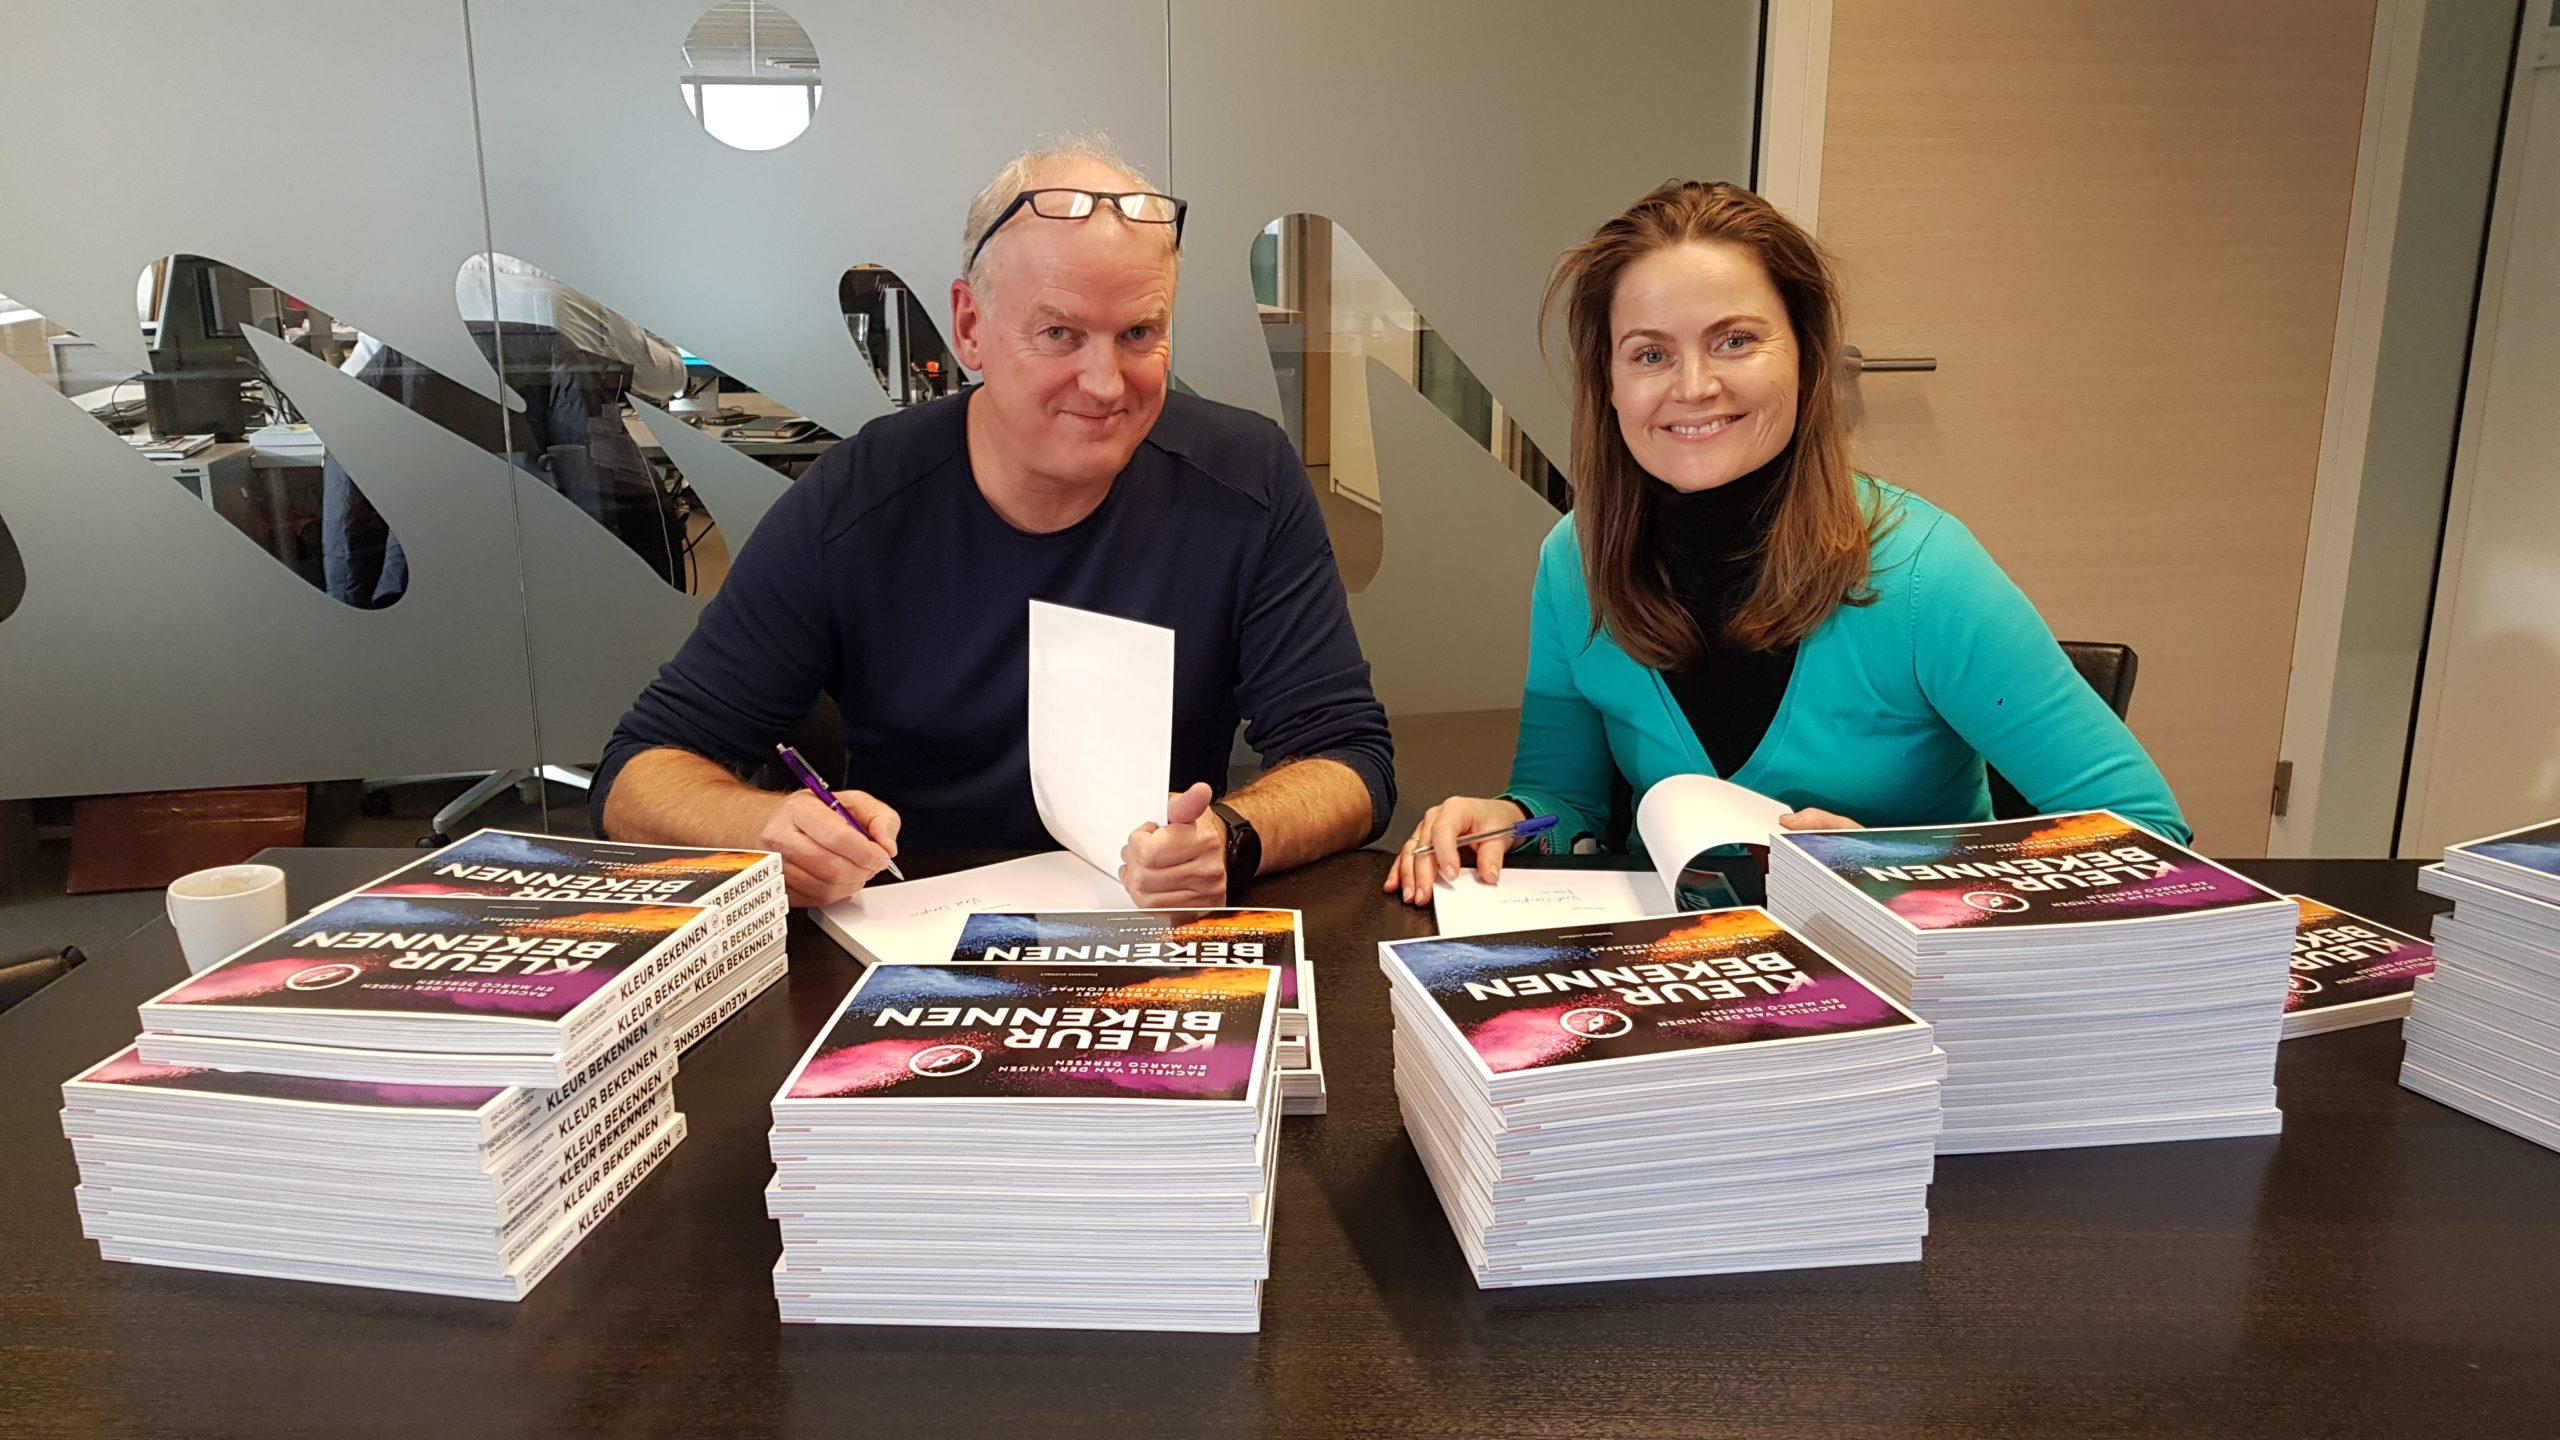 Rachelle van der Linden en Marco Derksen tekenen NIMA Book Q1-20